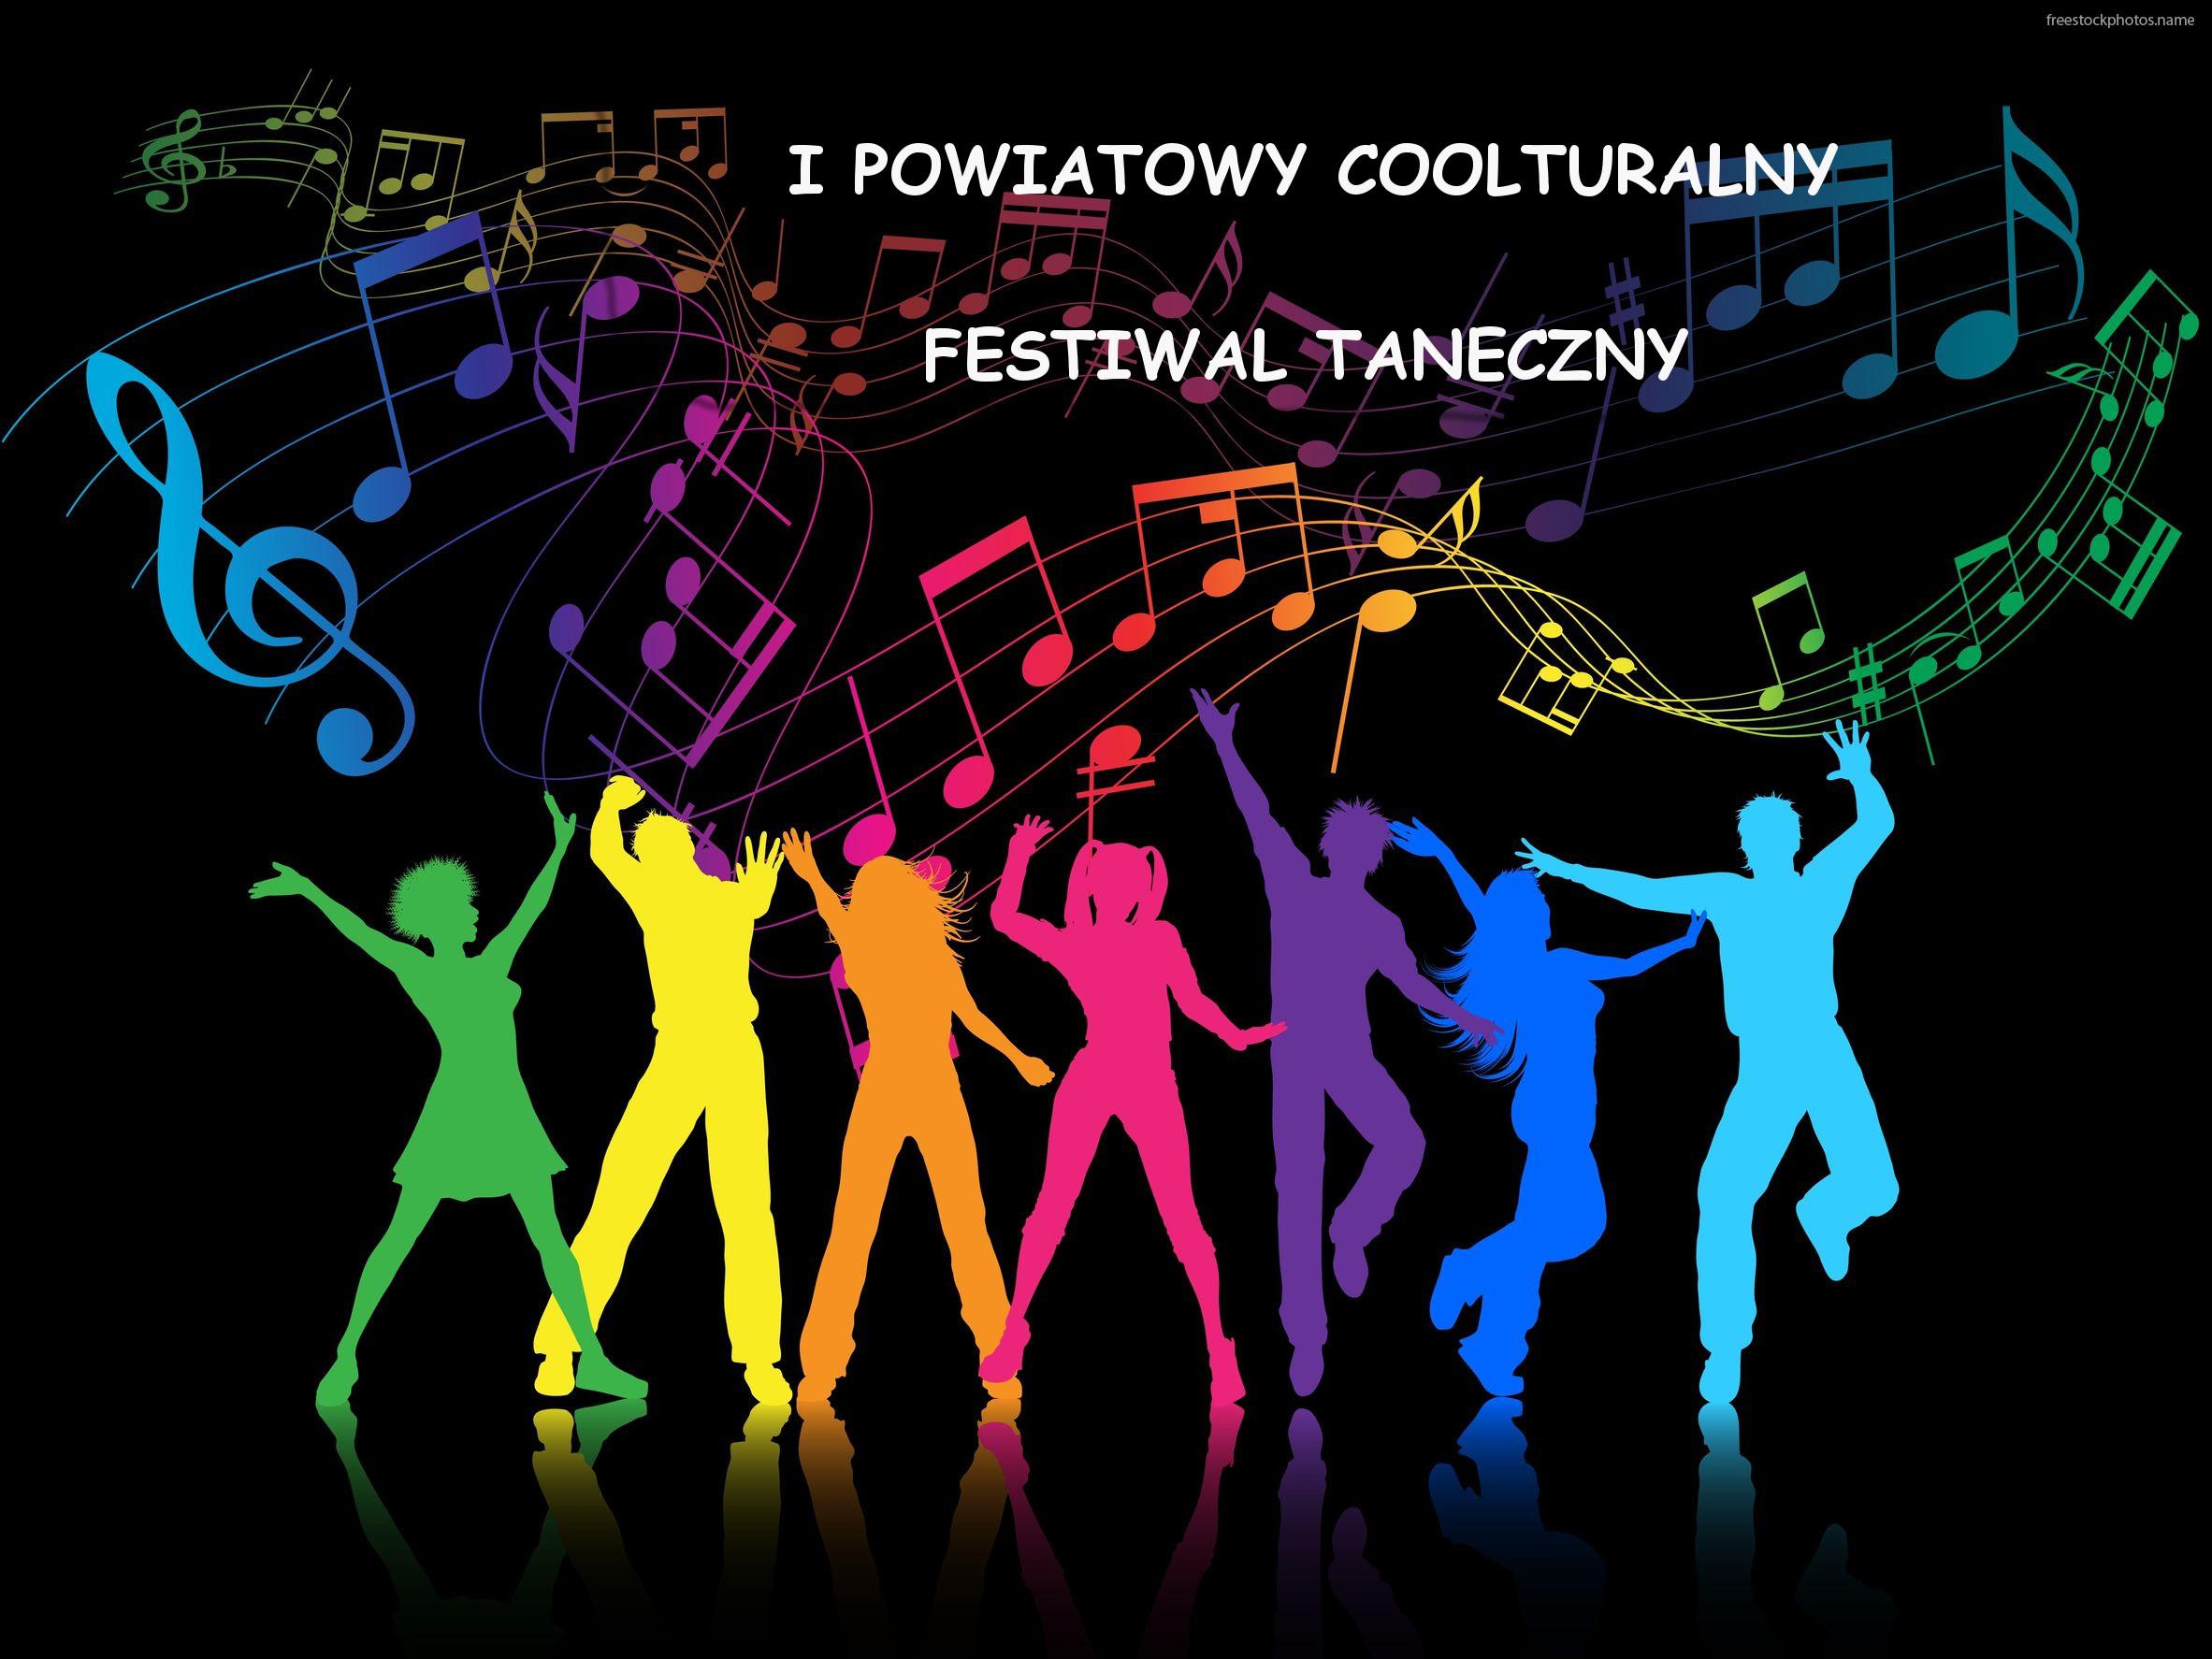 I Powiatowy Coolturalny Festiwal Taneczny